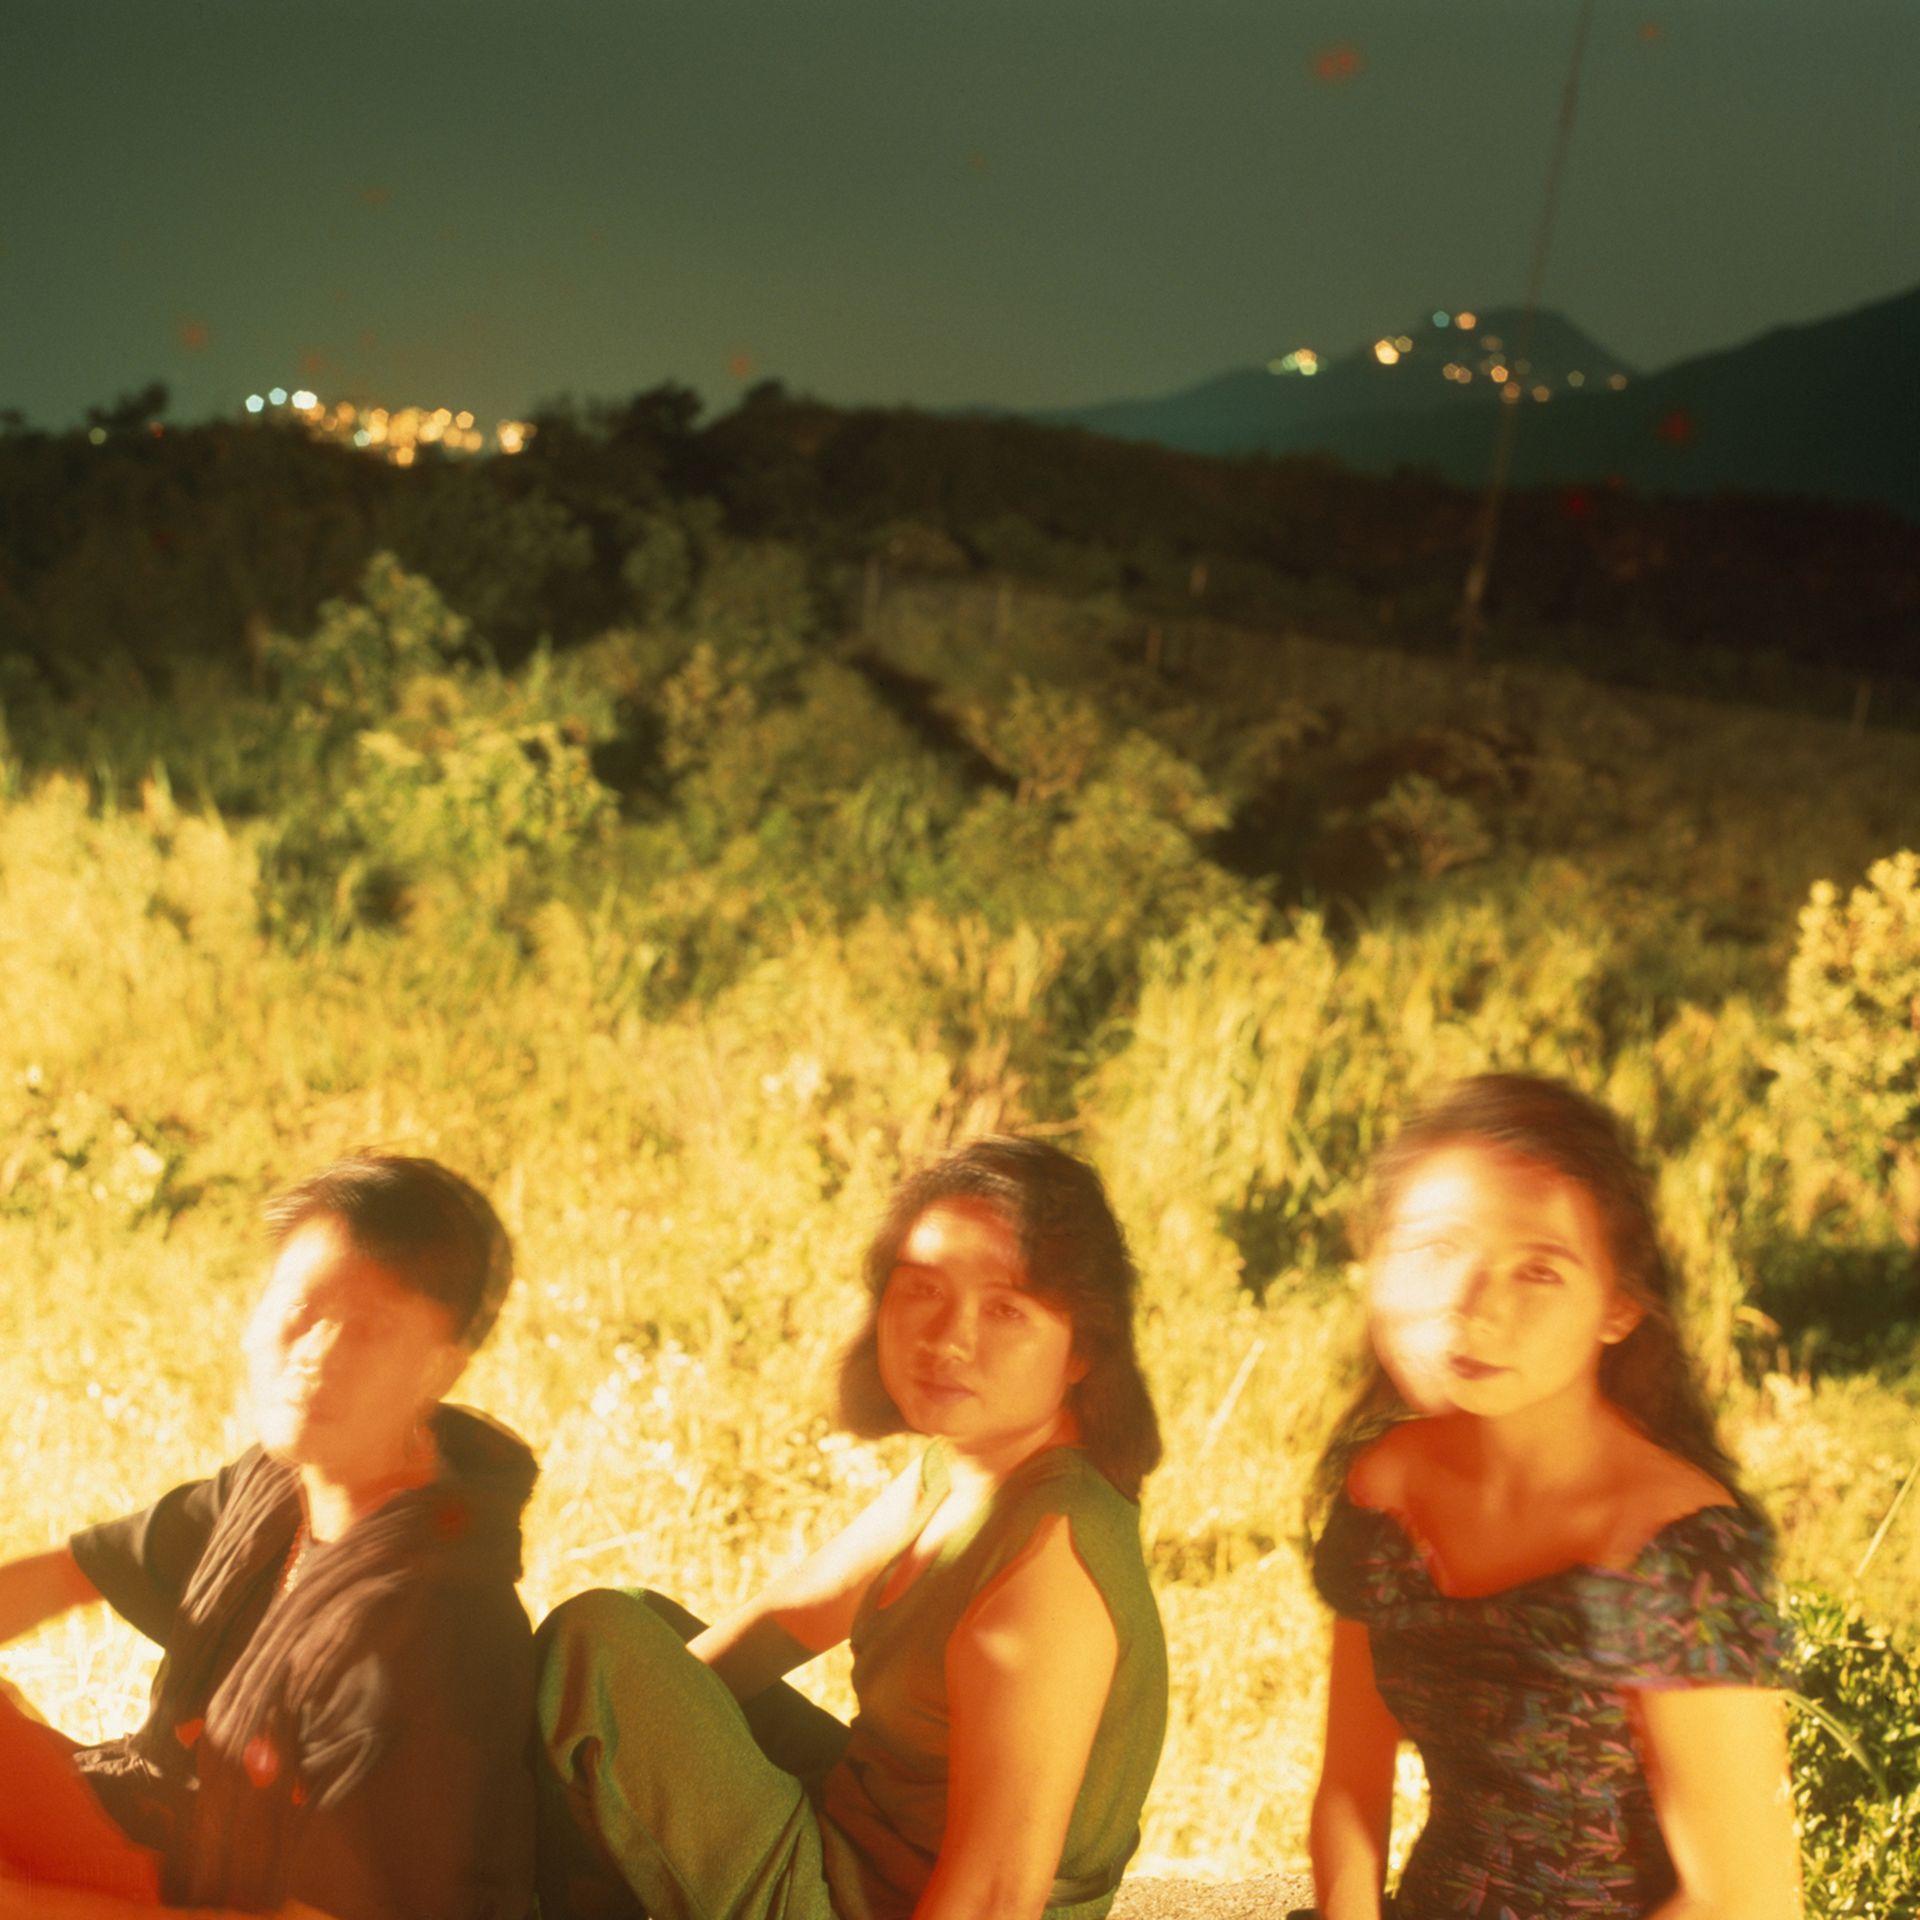 Three Women, 1990